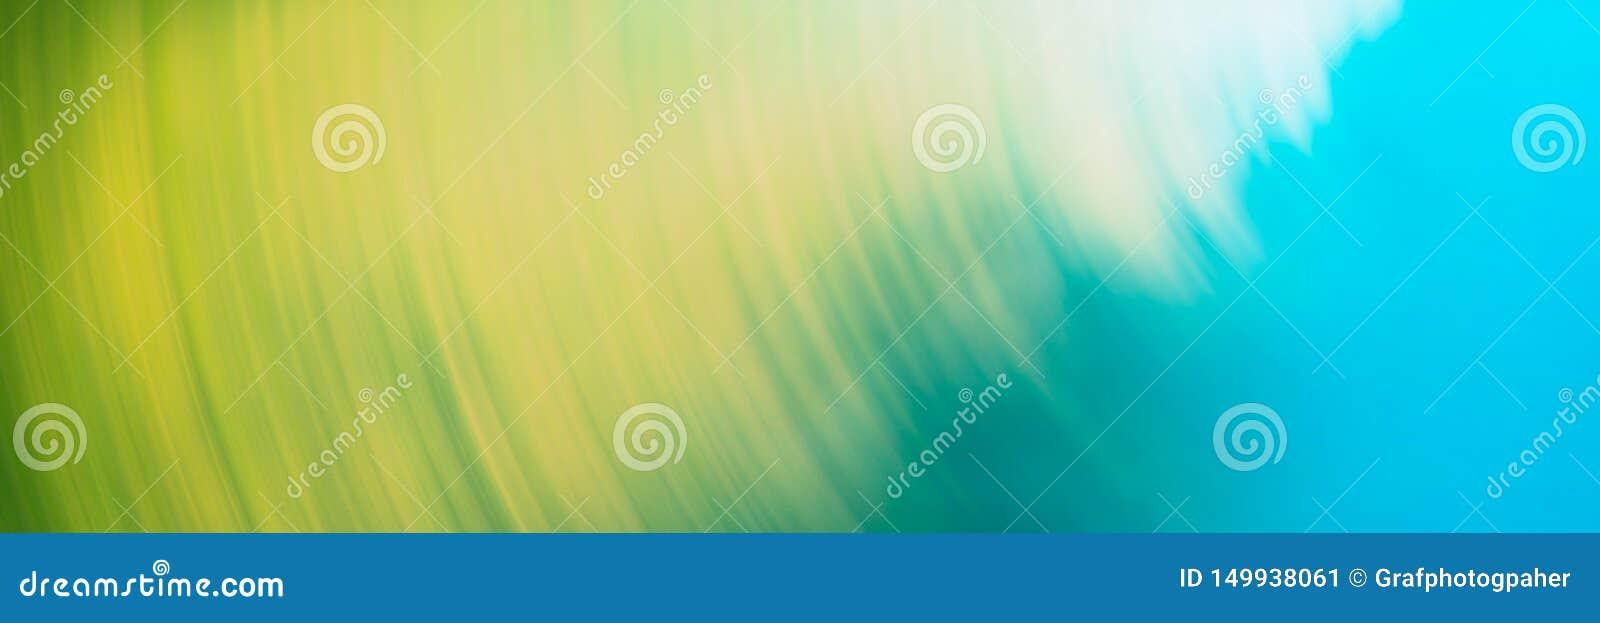 Abstrakt suddig ljus bakgrund, gula blåa runda linjer